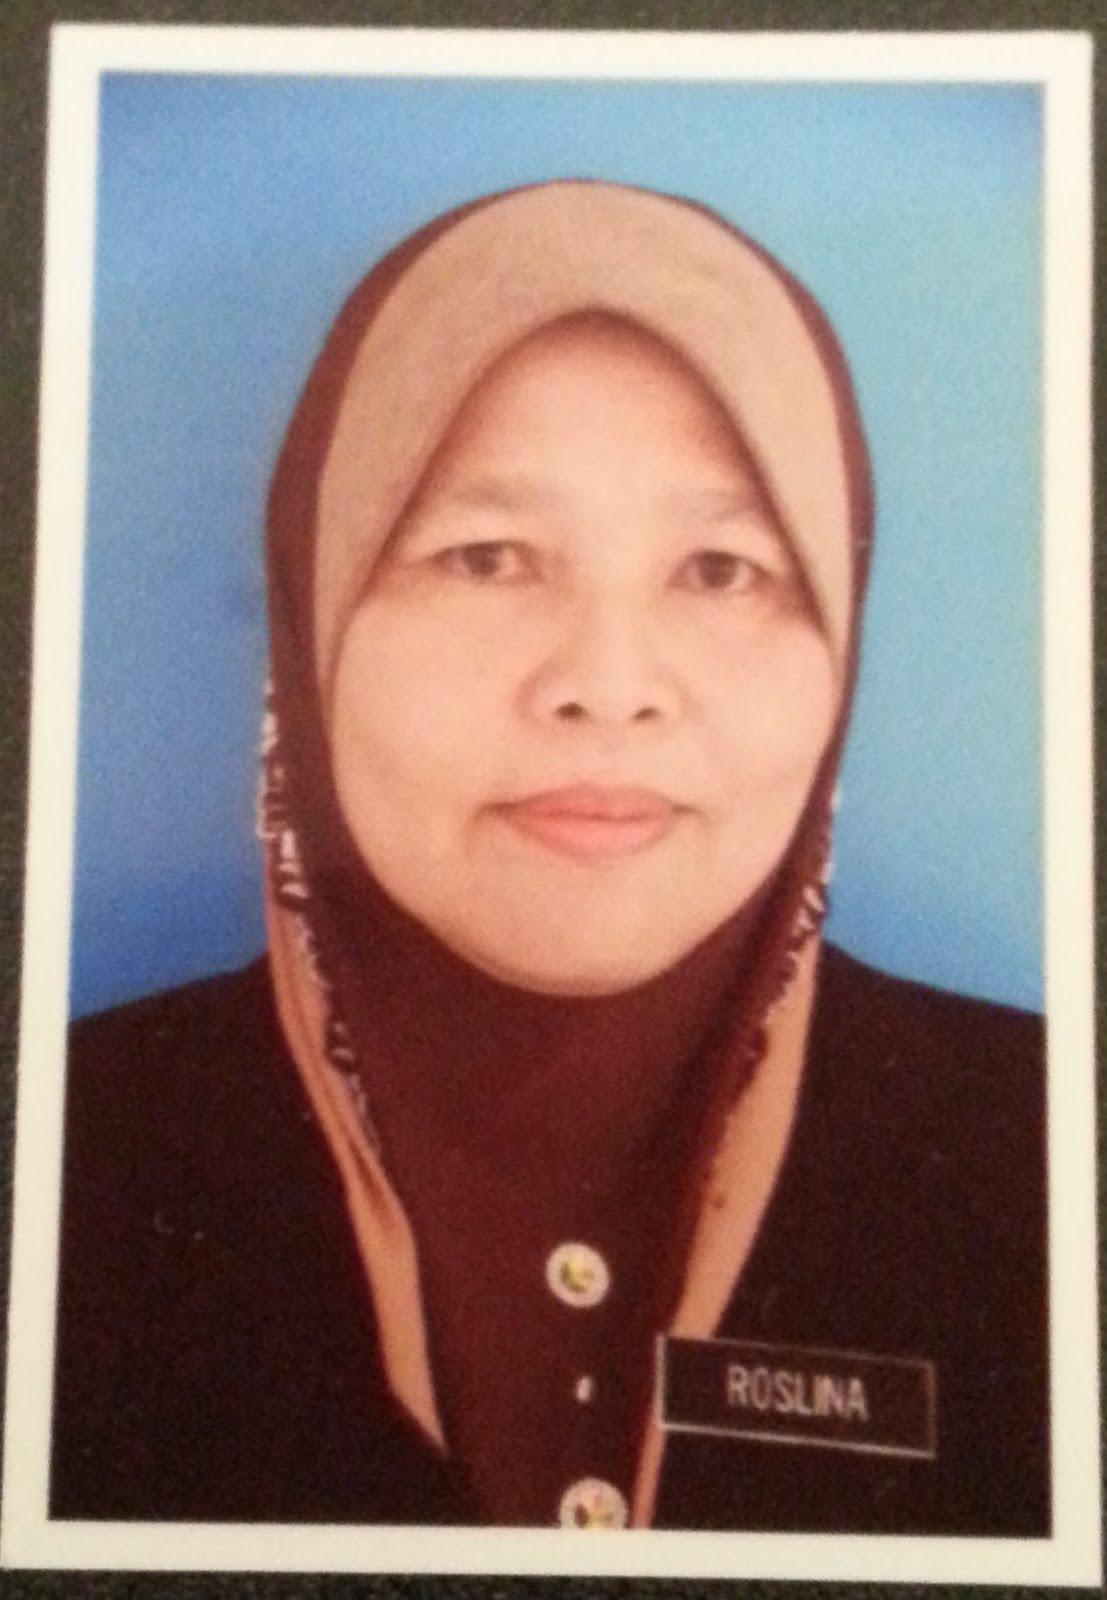 Pn. Roslina Binti Abdul Rani